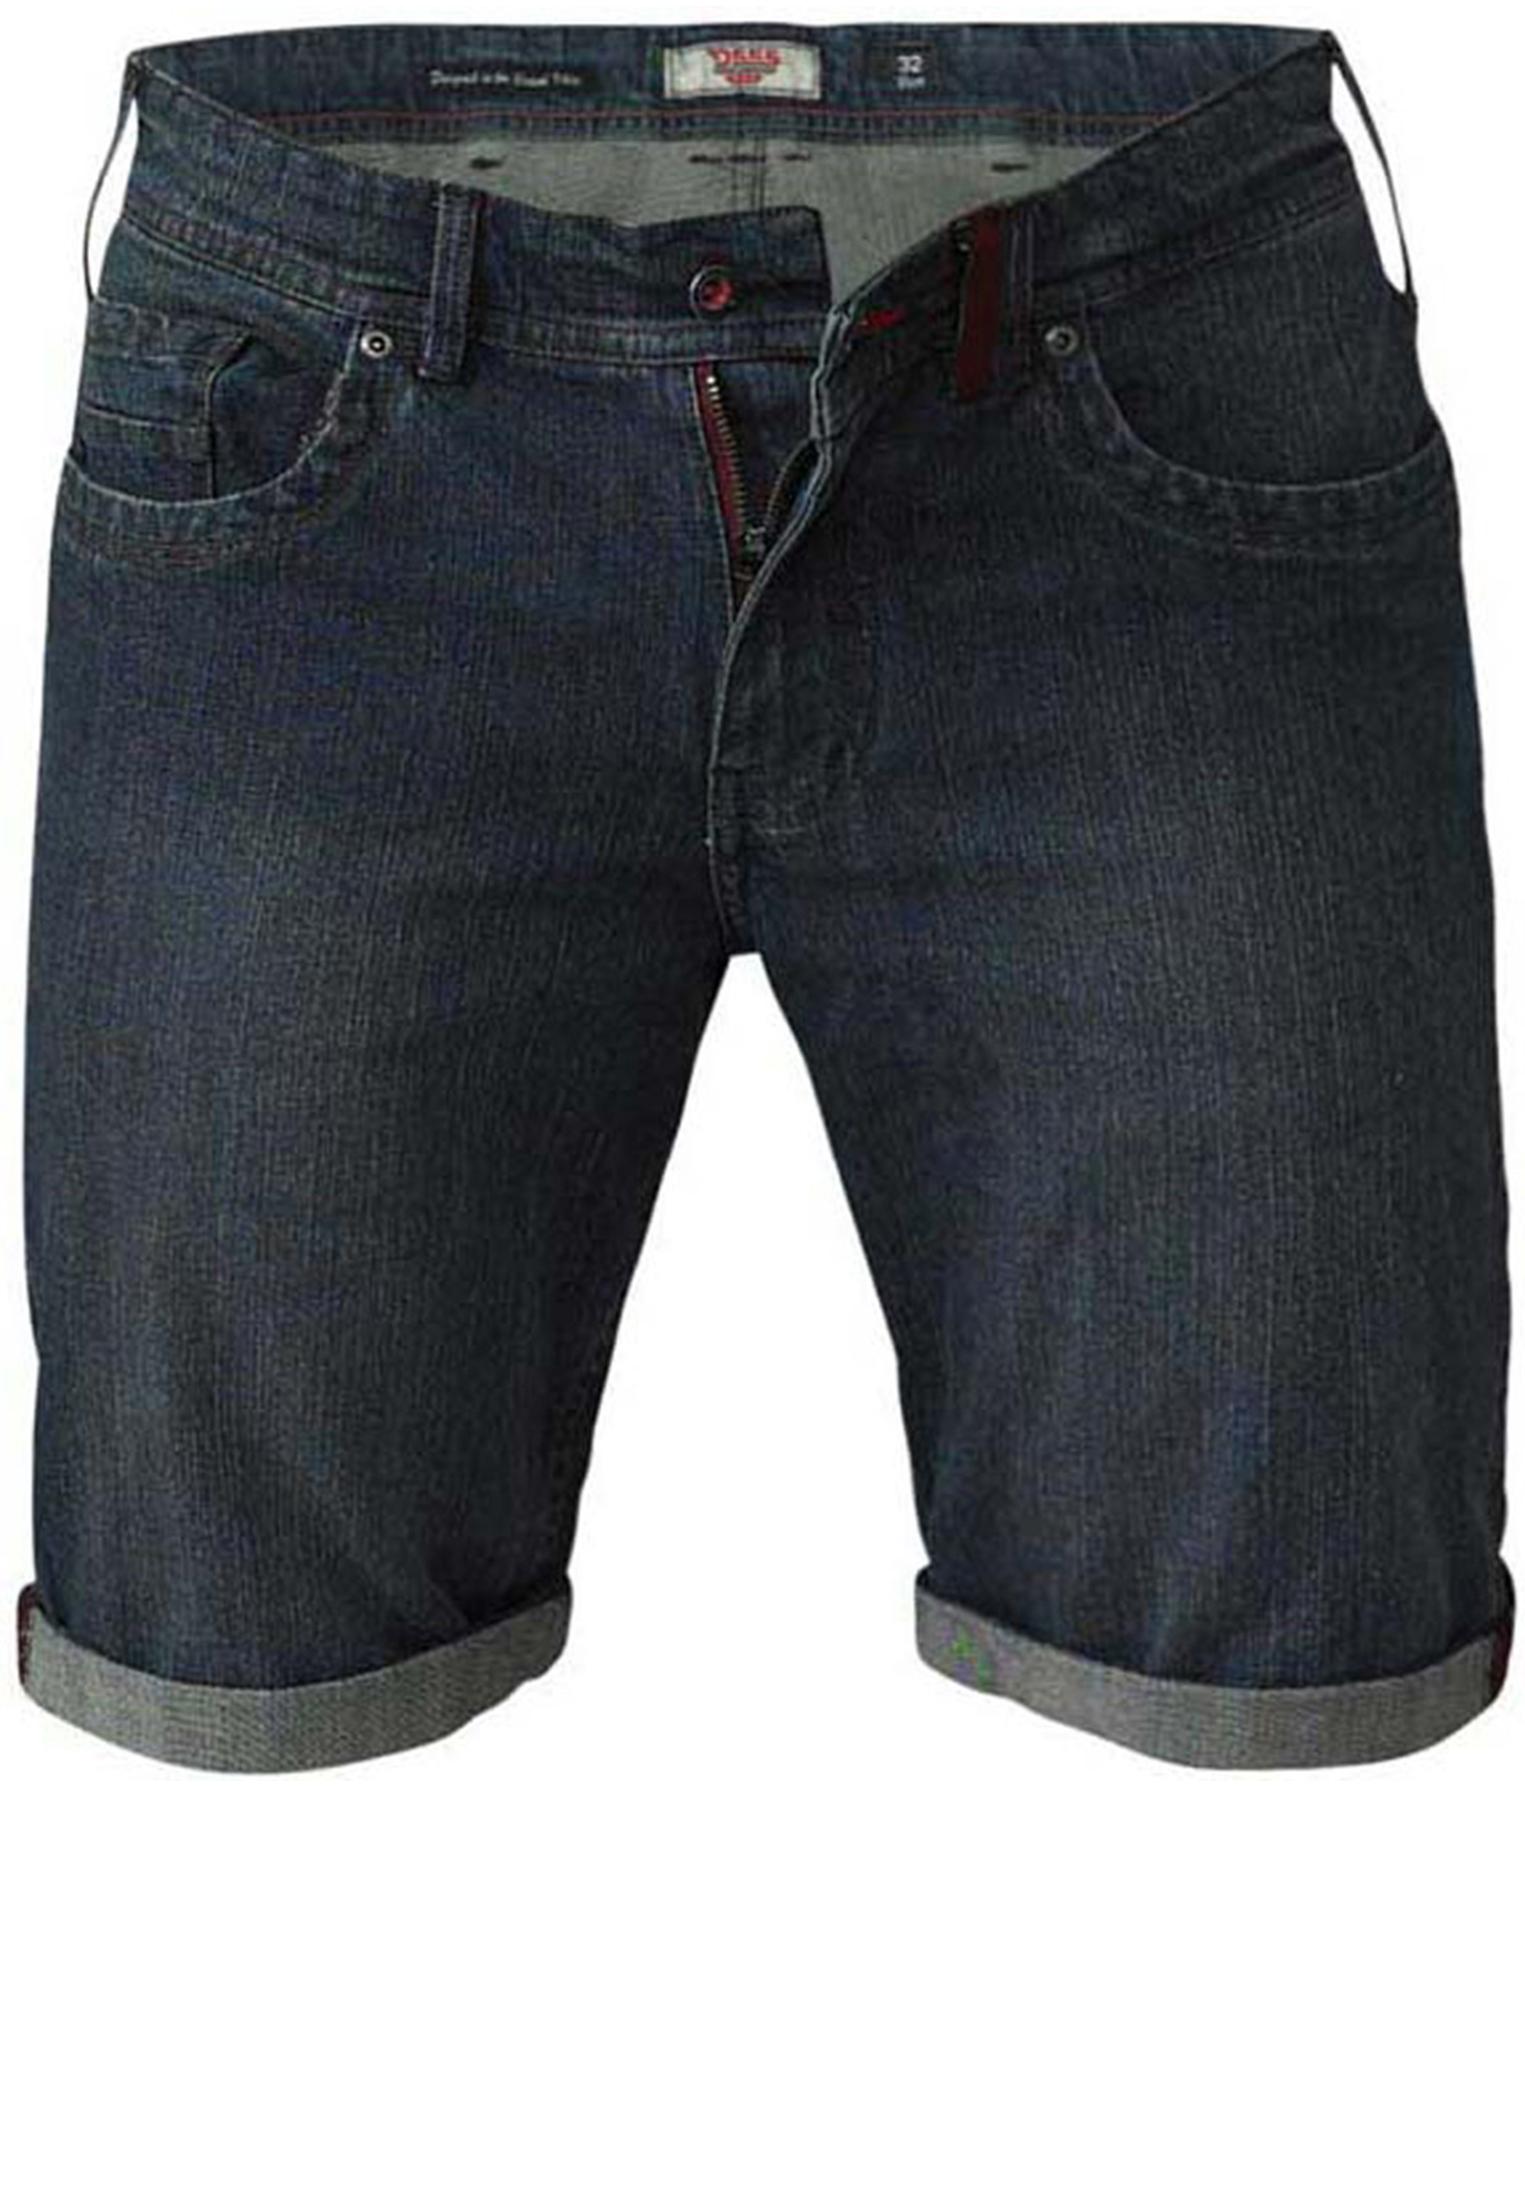 Erg leuke Denim stretch shorts van D555 met twee open steekzakken aan de voorzijde met aan de rechterkant een muntzakje. Twee open achterzakken, riemlussen aan de tailleband en een knoop-ritssluiting. De broekspijpen zijn omgeslagen wat een leuk effect geeft. Een echte musthave voor deze zomer.